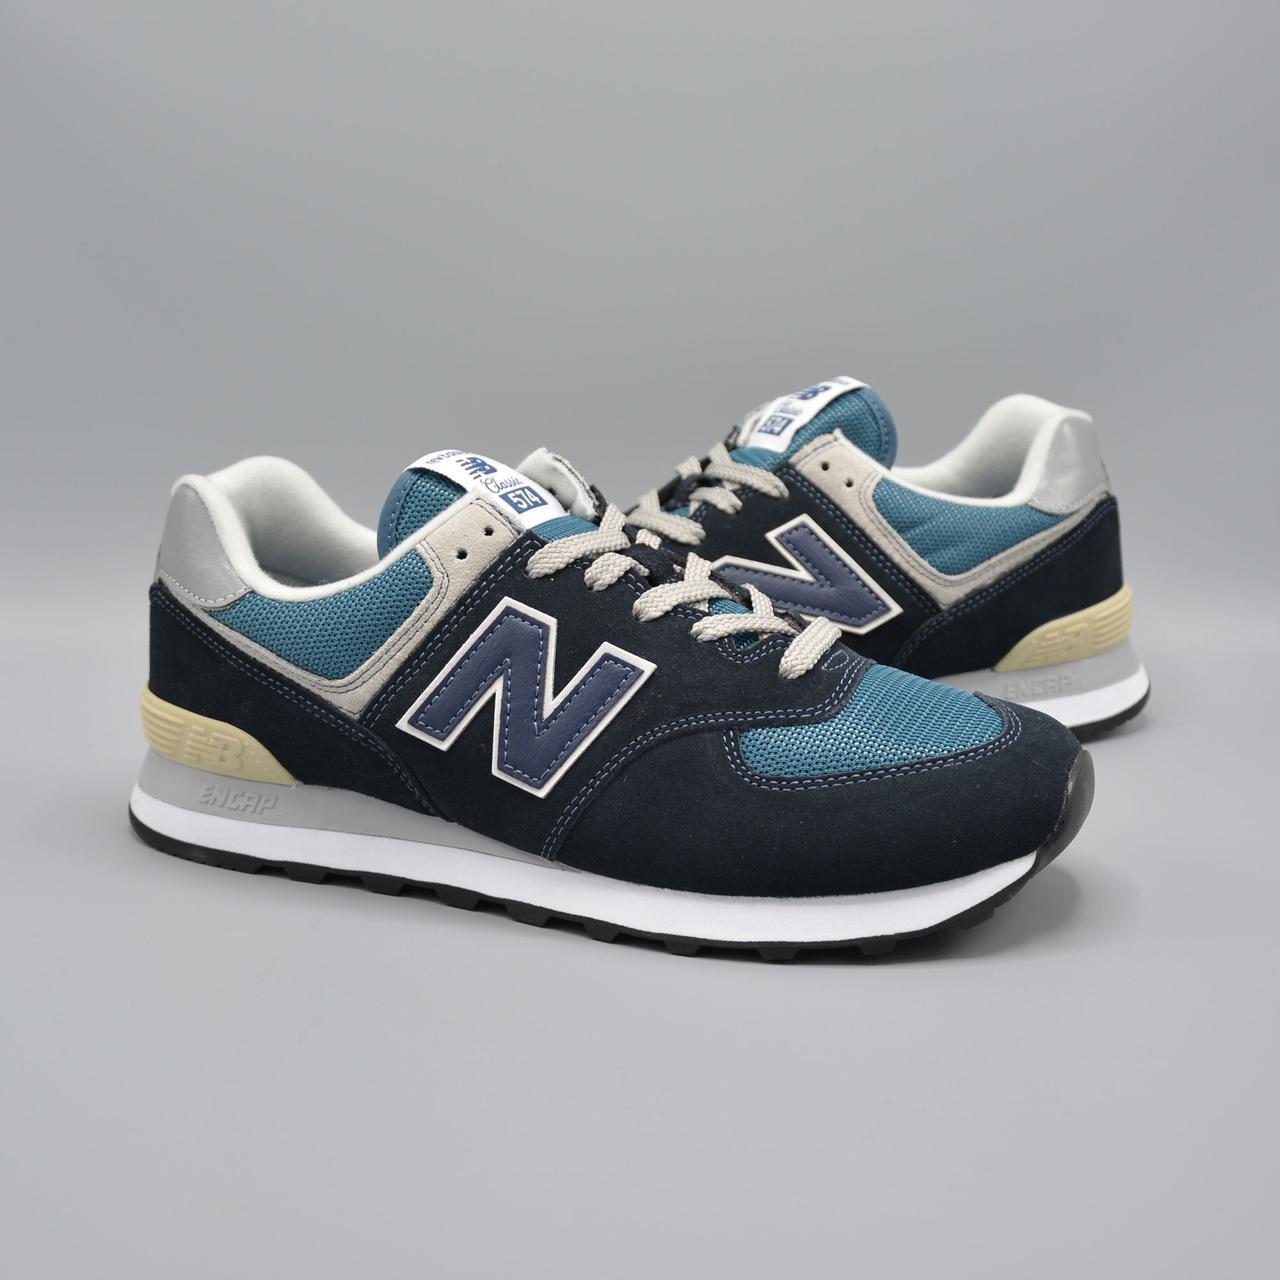 оригинальные кроссовки new balance 574